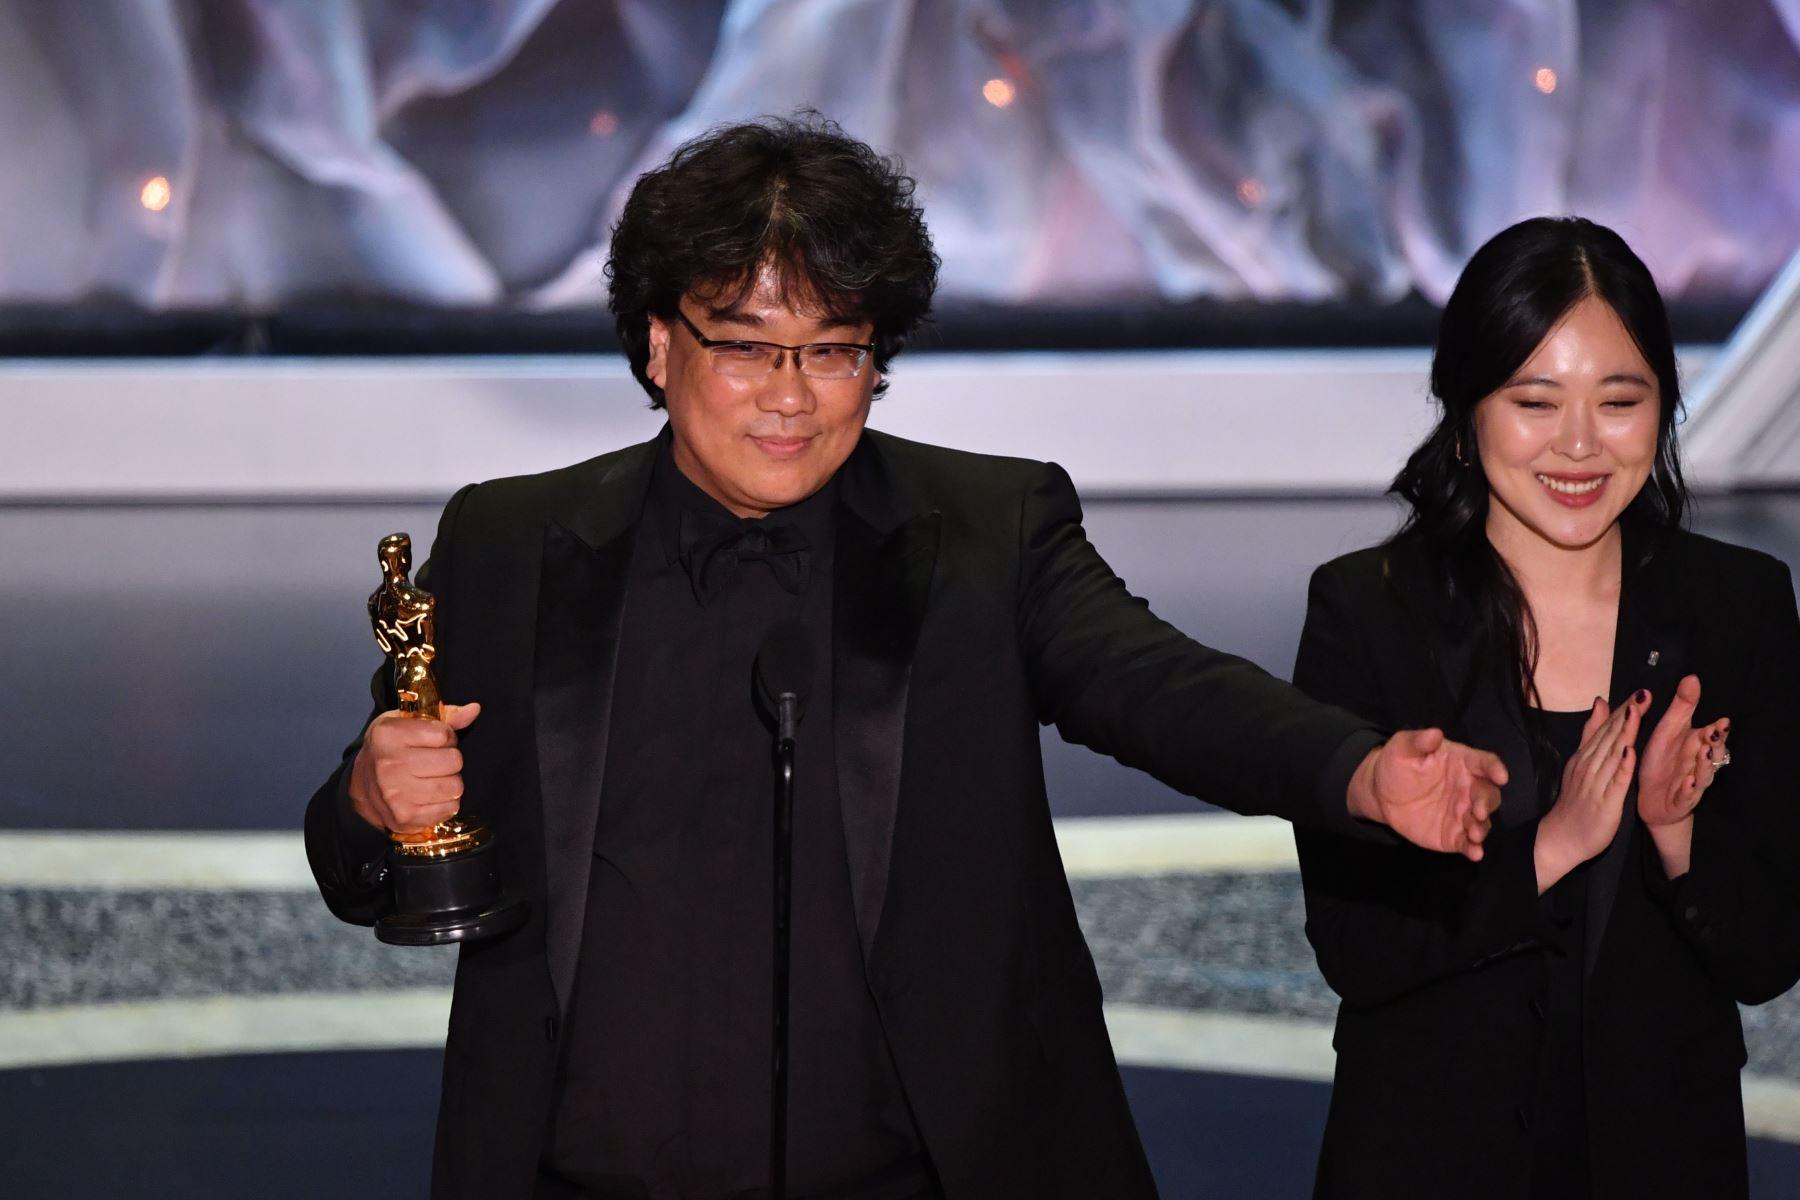 """El director surcoreano Bong Joon-ho acepta el premio al mejor largometraje internacional por """"Parasite"""" durante los 92o Oscars en el Dolby Theatre de Hollywood, California. Foto: AFP"""